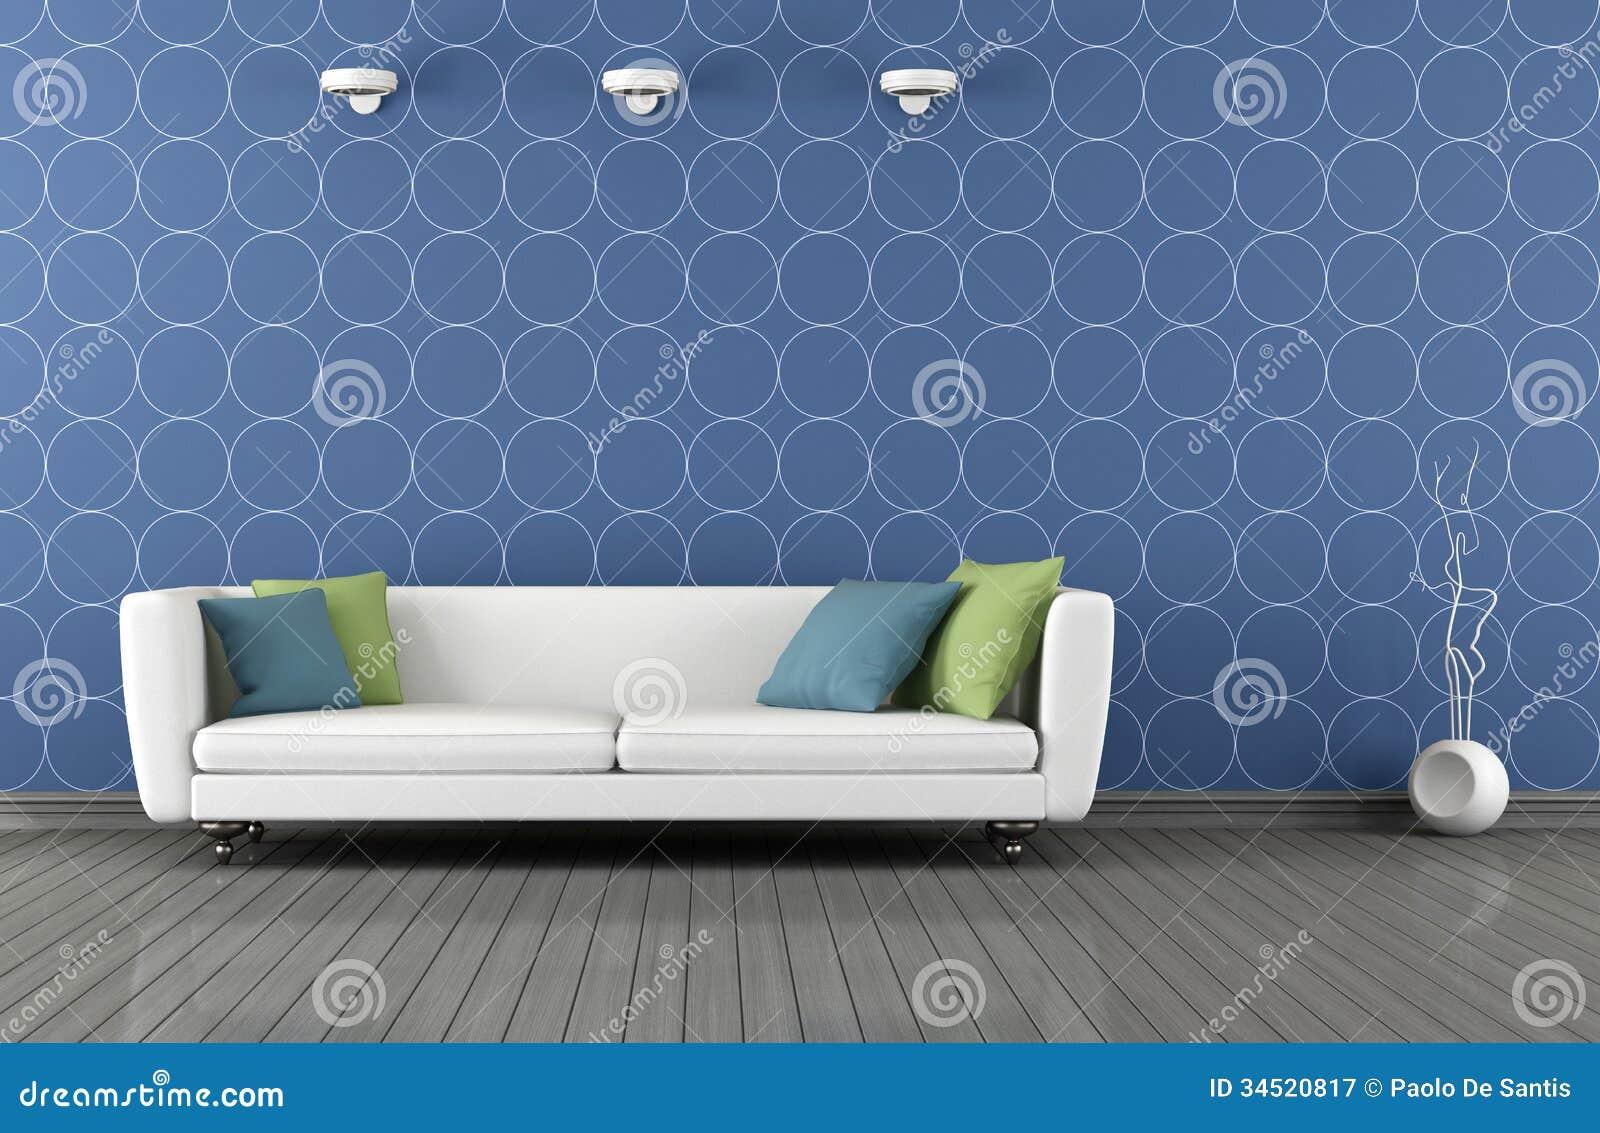 Sala De Estar Azul ~ Sala De Estar Moderna Azul E Branca Fotografia de Stock Royalty Free